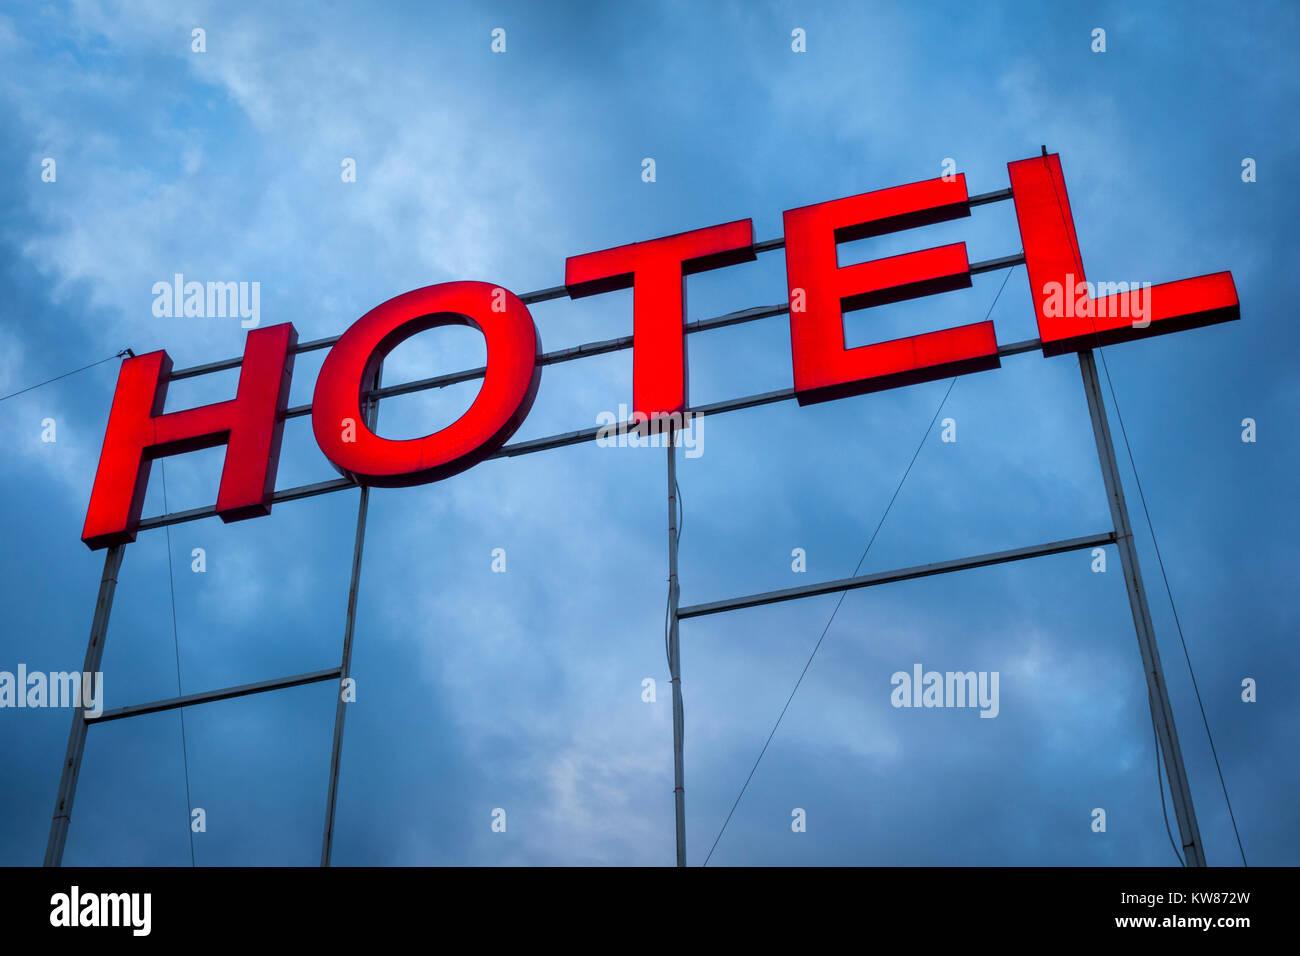 Gran hotel iluminada cartas signo contra un cielo azul Imagen De Stock